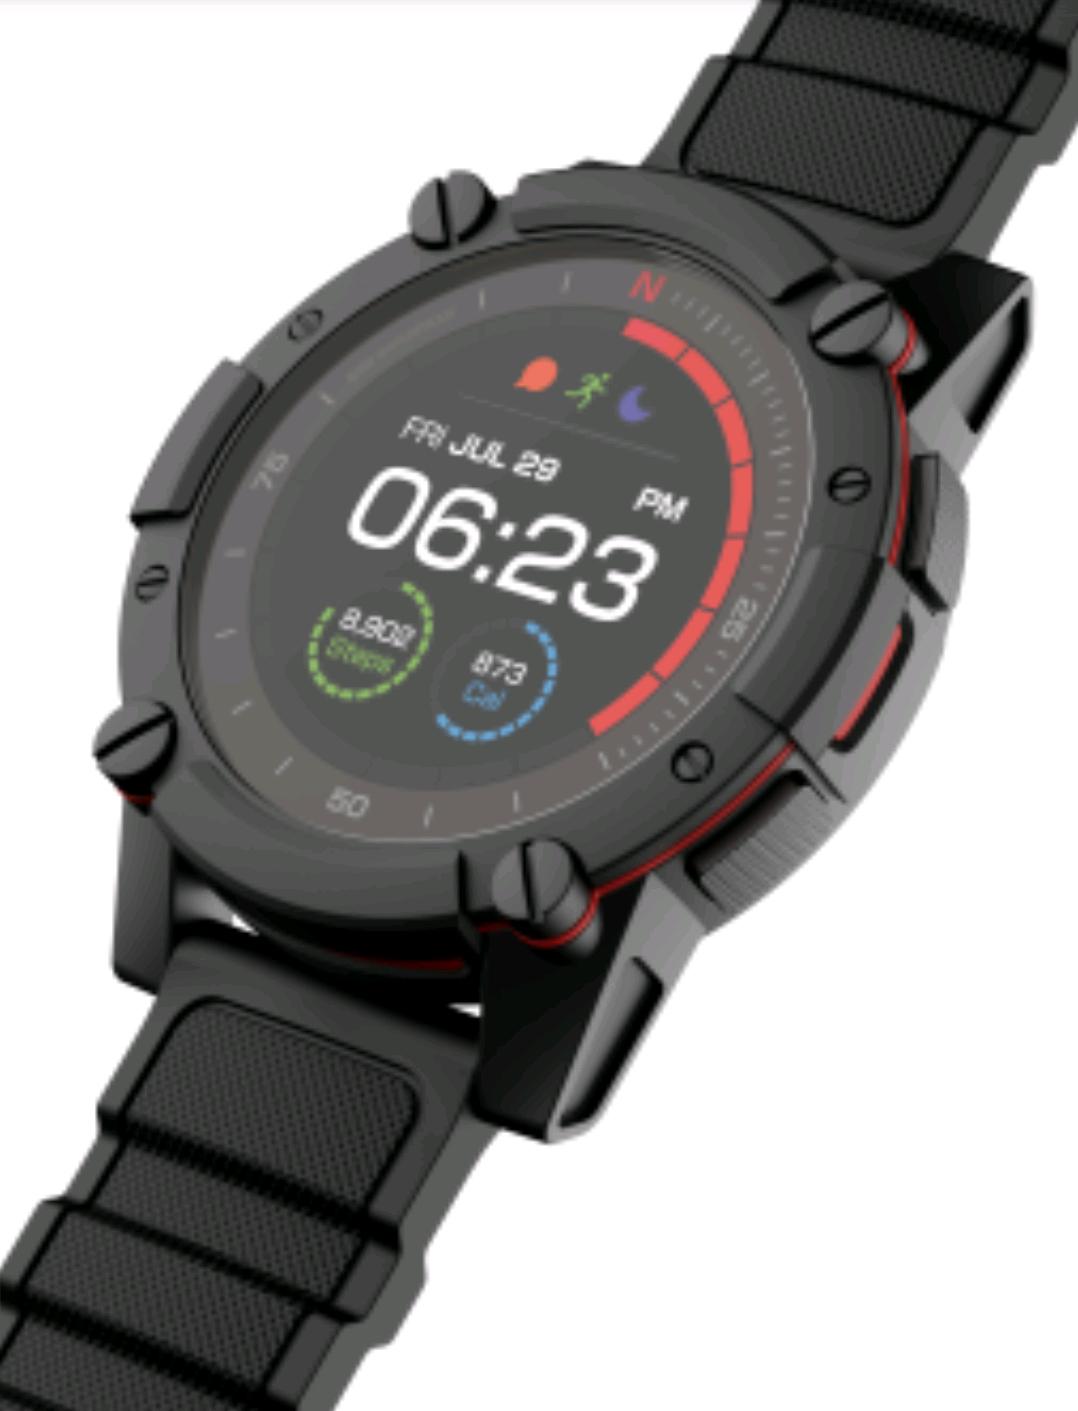 Matrix PowerWatch 2 - Smartwatch, którego nie musisz ładować!